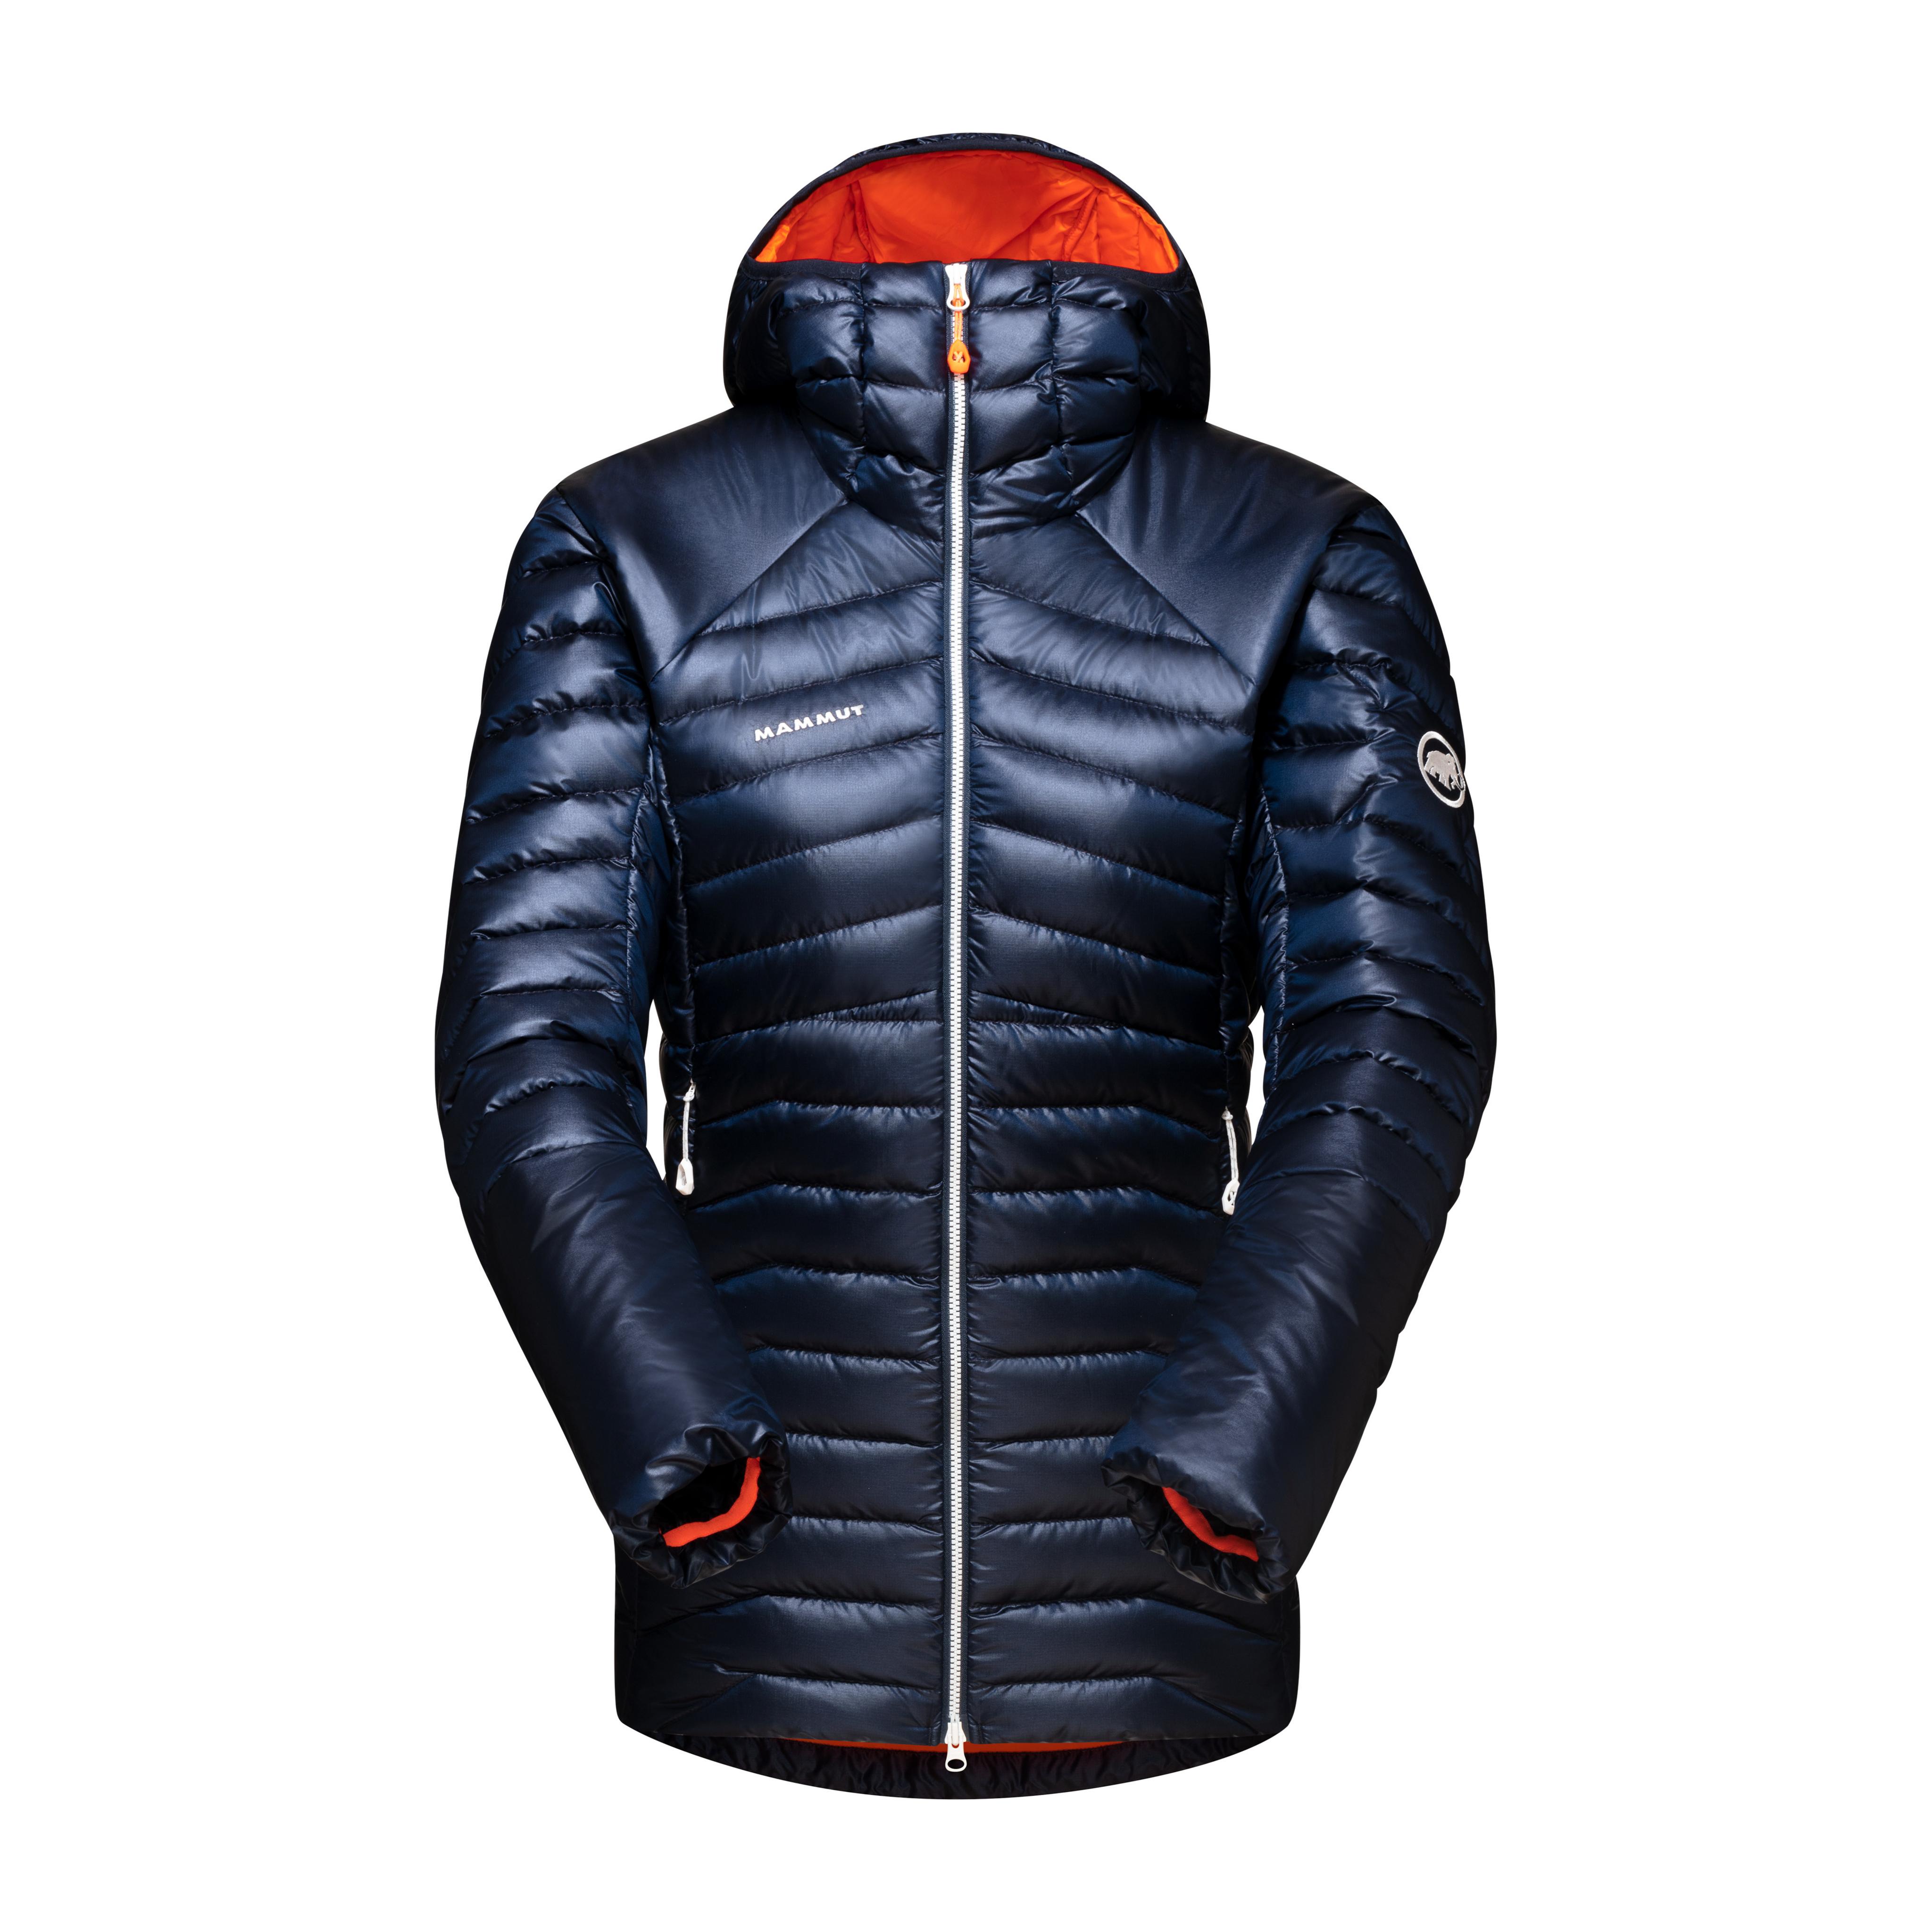 Eigerjoch Advanced IN Hooded Jacket Women - night, XS thumbnail